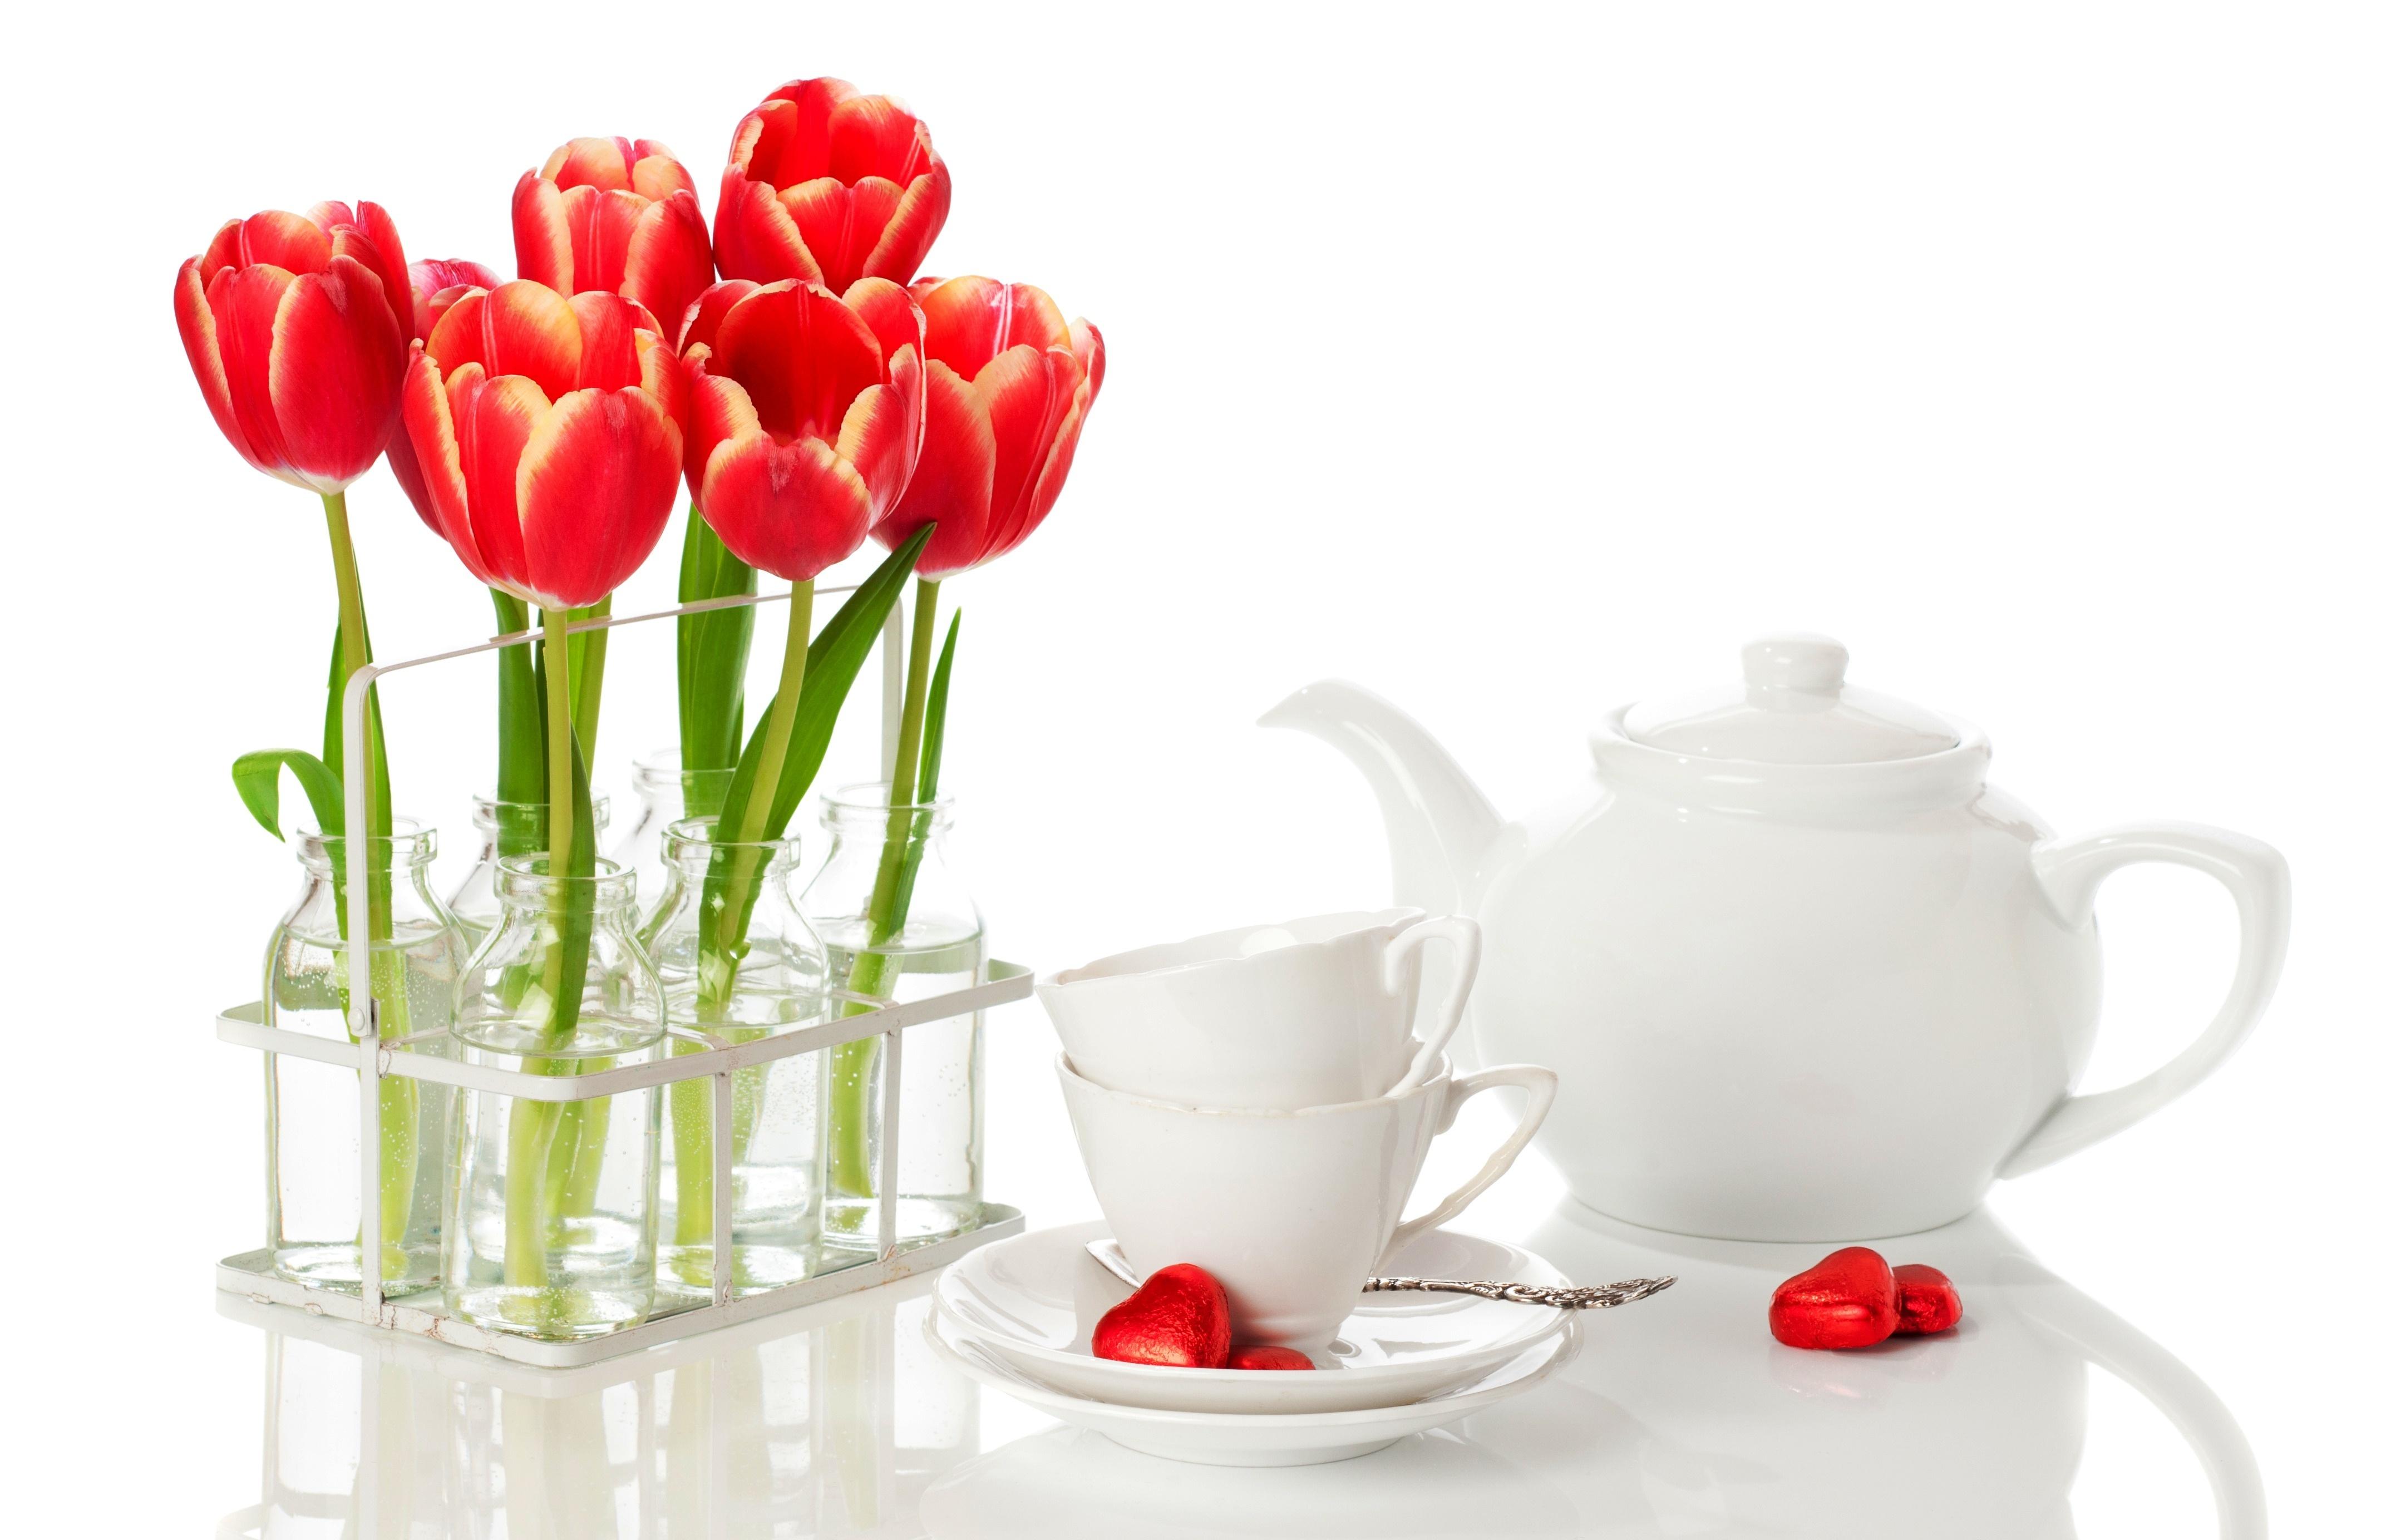 розы книга чай чайник кружка без смс